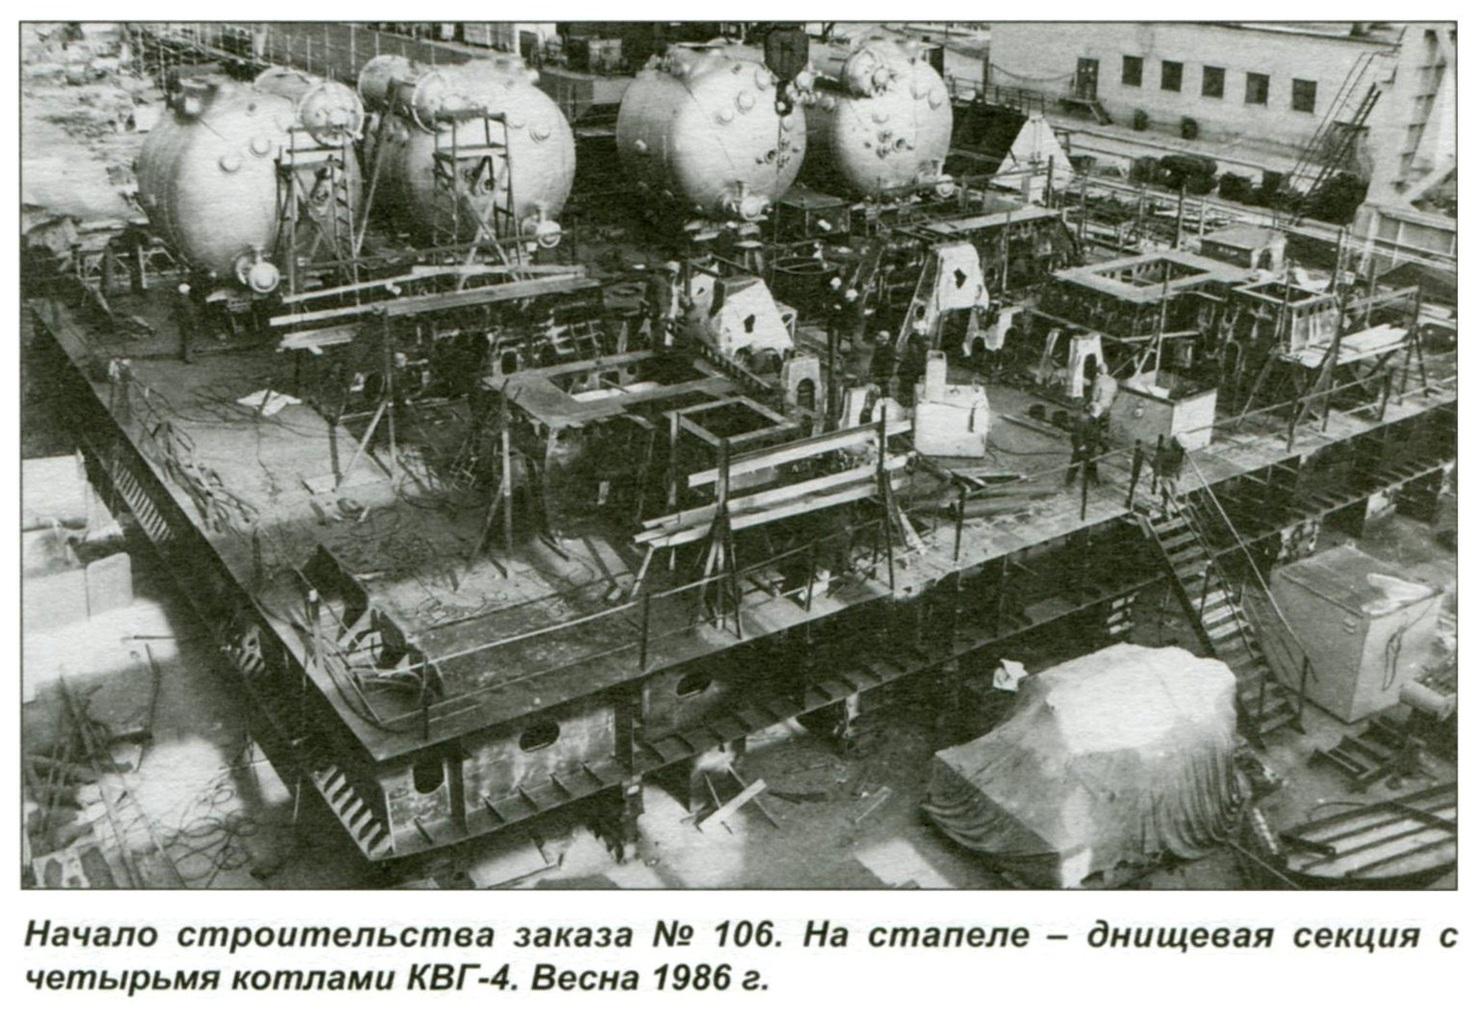 KVG-4 olajkazánok beépítése a Kuznyecov testvérhajójába, a Varjagba 1986 tavaszán. A Szovjetunió széthullását követően Kína vásárolta meg a hajót 1998-ban, majd felújítva és modernizálva 2012-ben állt hadrendbe Liaoning néven. Forrás:forums.airbase.ru #moszkvater